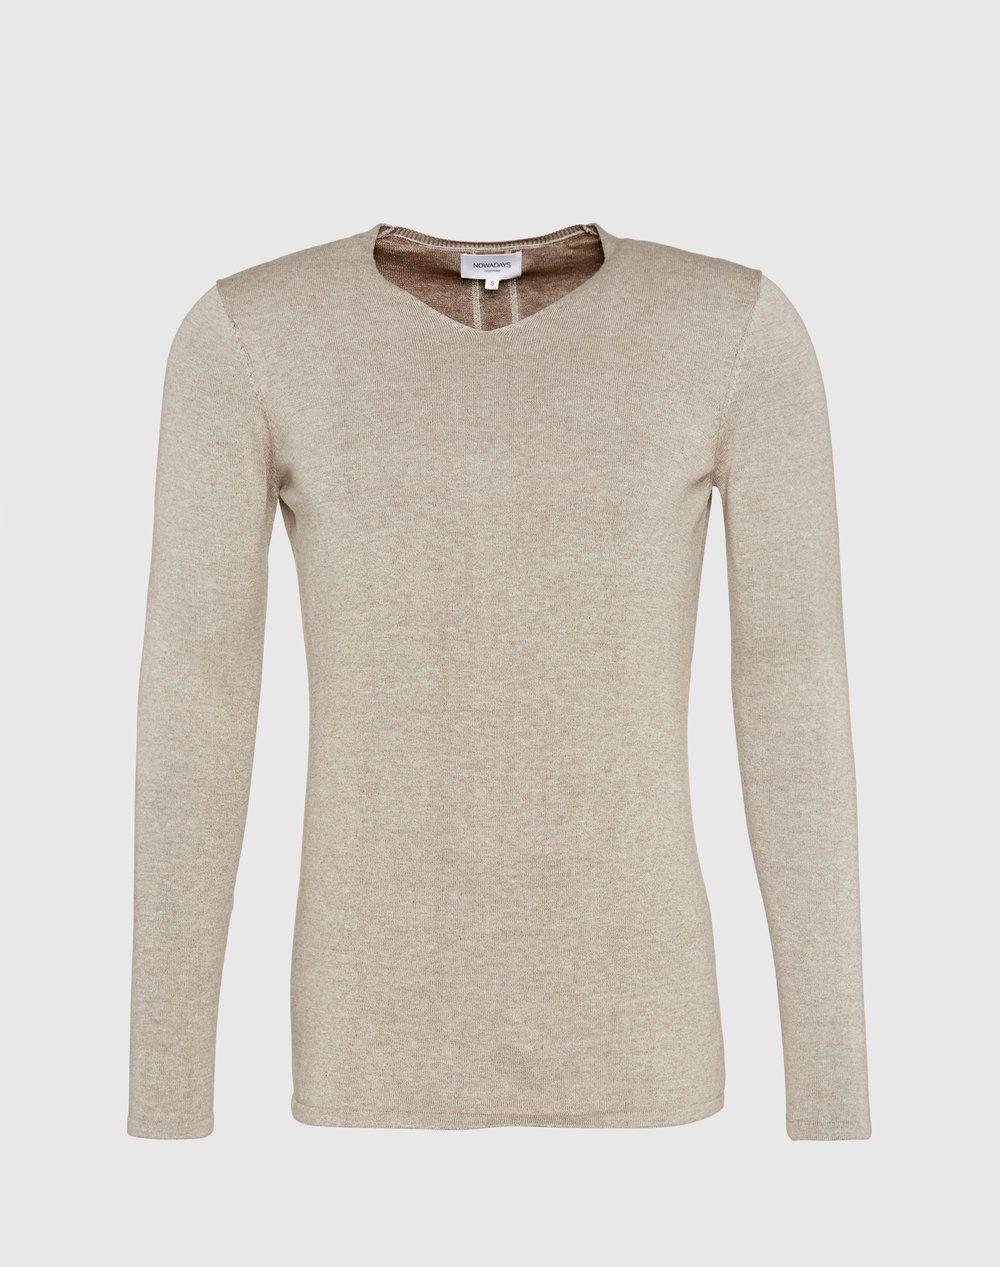 Vom Label Nowadays kommt mit diesem Pullover ein Basic, das sich sehen lassen kann. Das zeitlose Design überzeugt auf ganzer Linie und dank des weich gestrickten Materials setzt der Pullover auch in Sachen Tragekomfort hohe Standards.